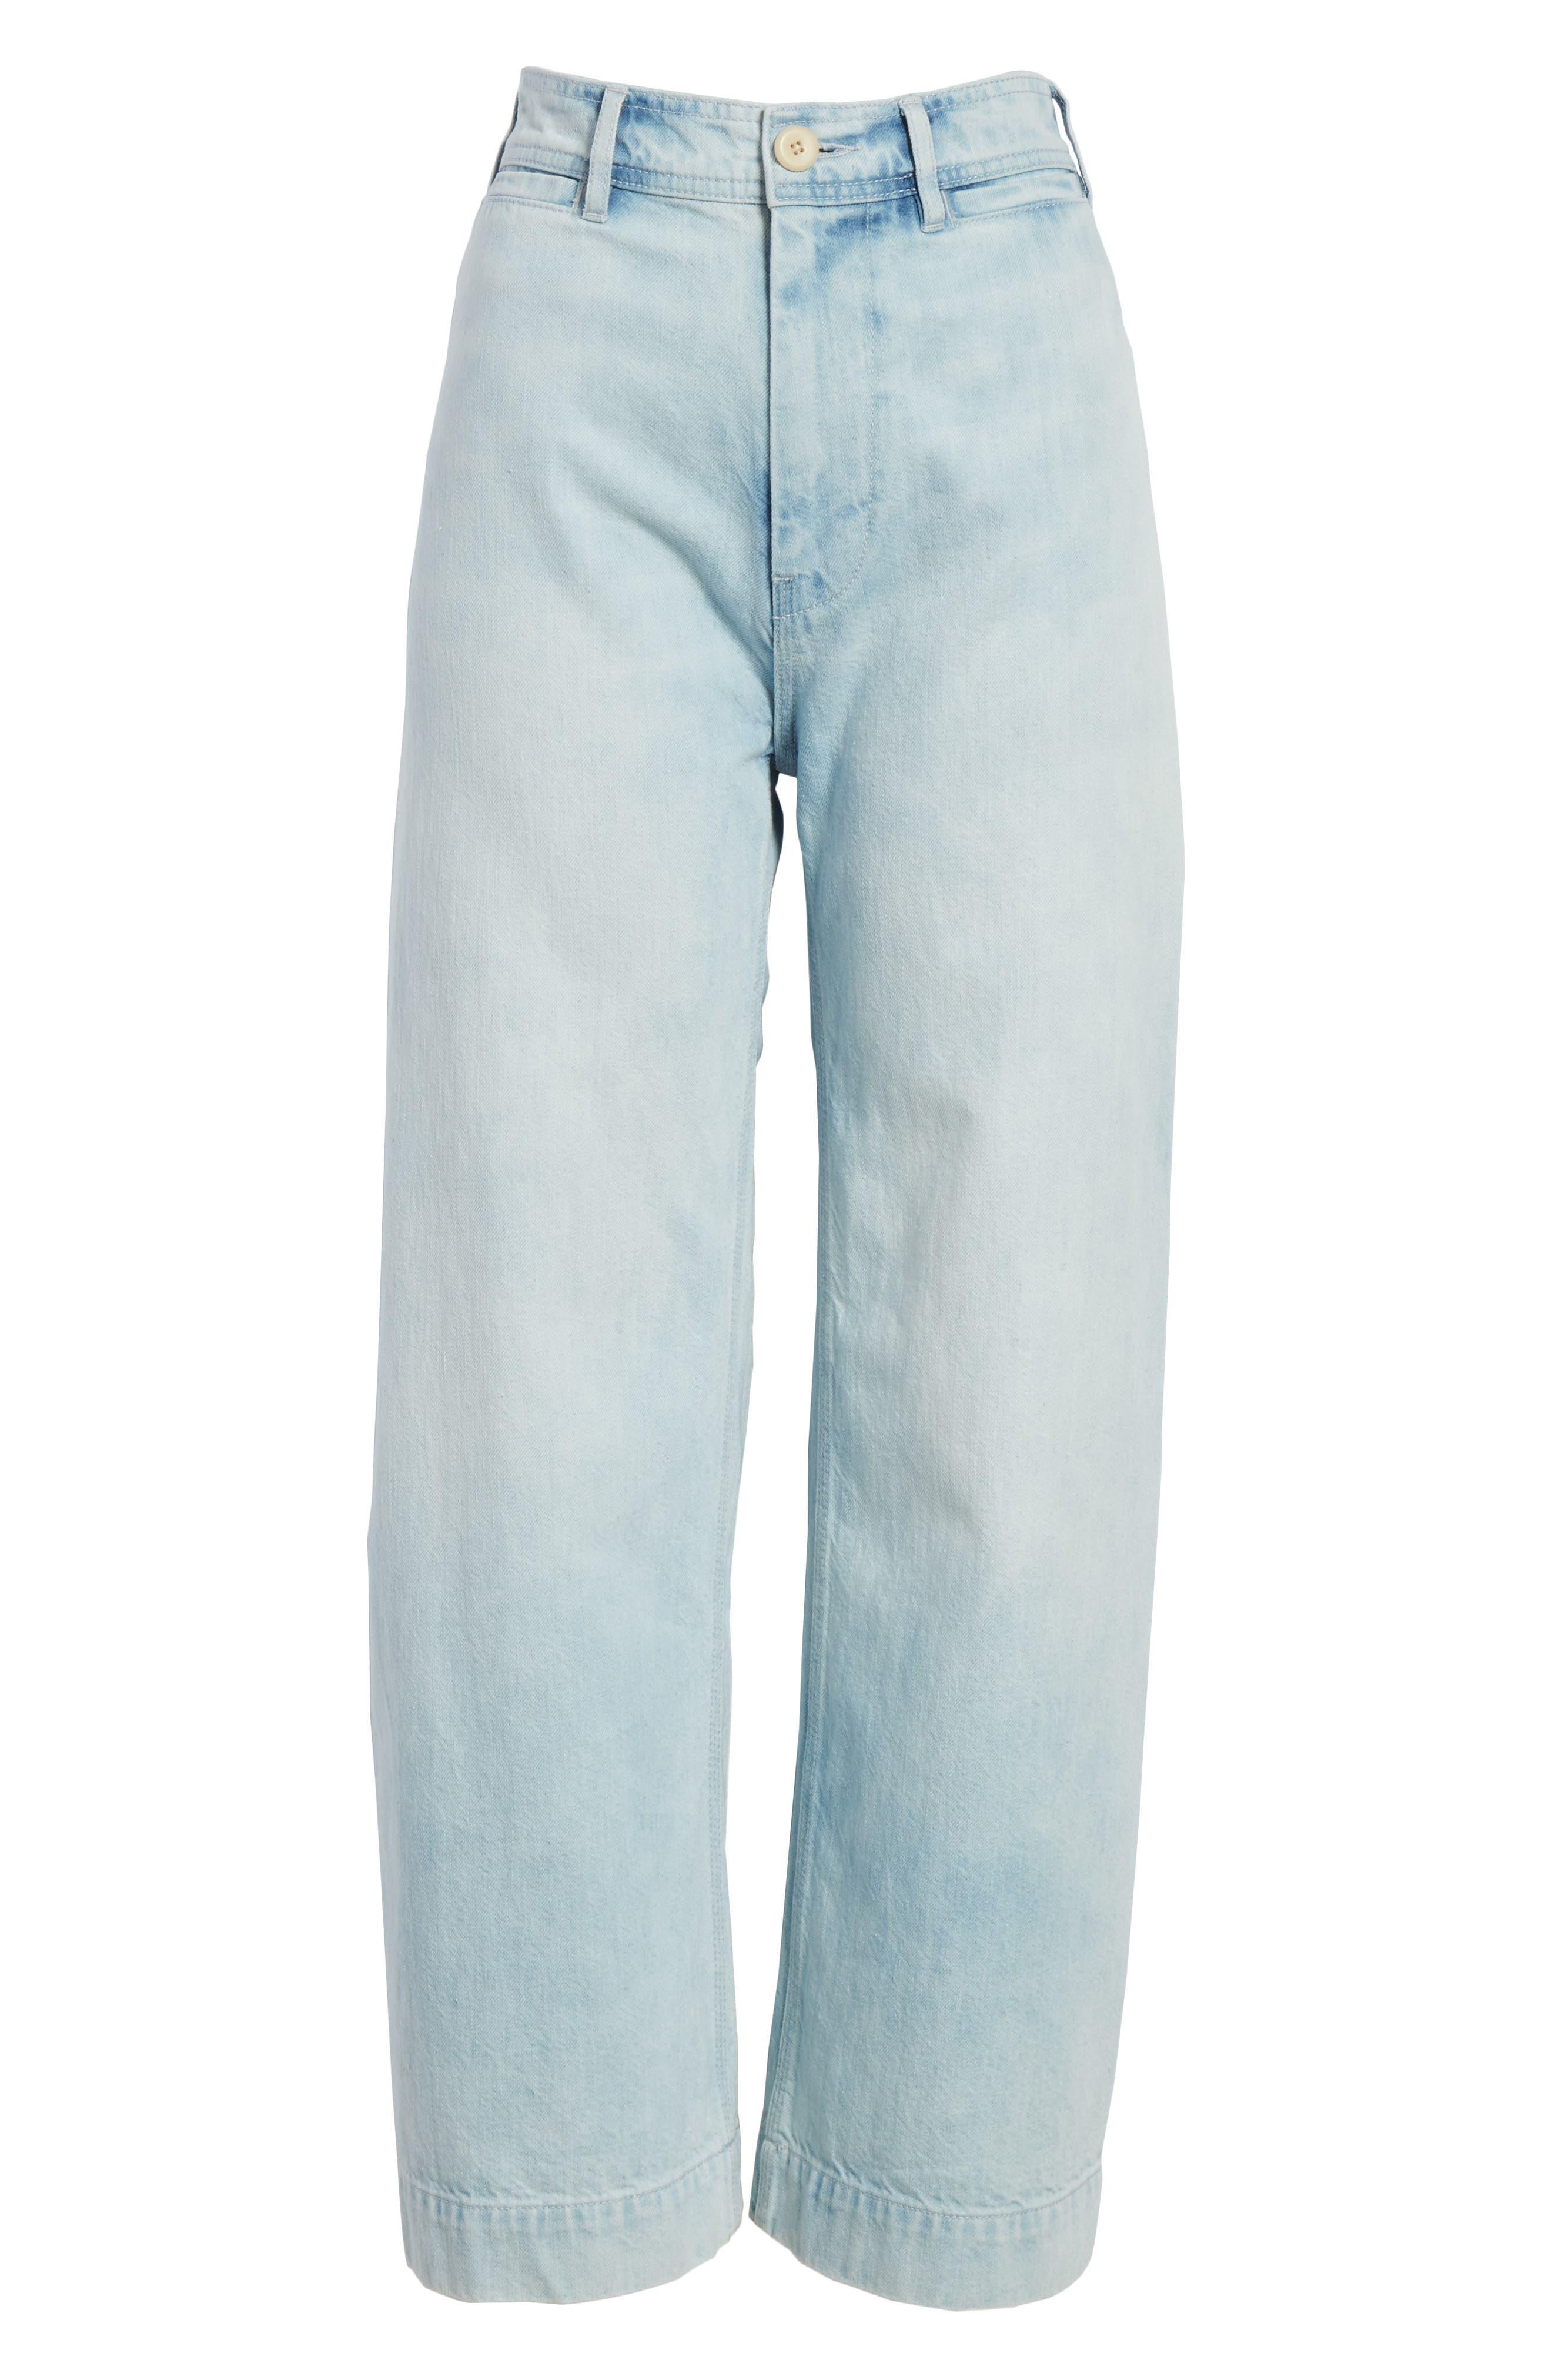 Crop Wide Leg Jeans,                             Alternate thumbnail 6, color,                             Nuage Wash